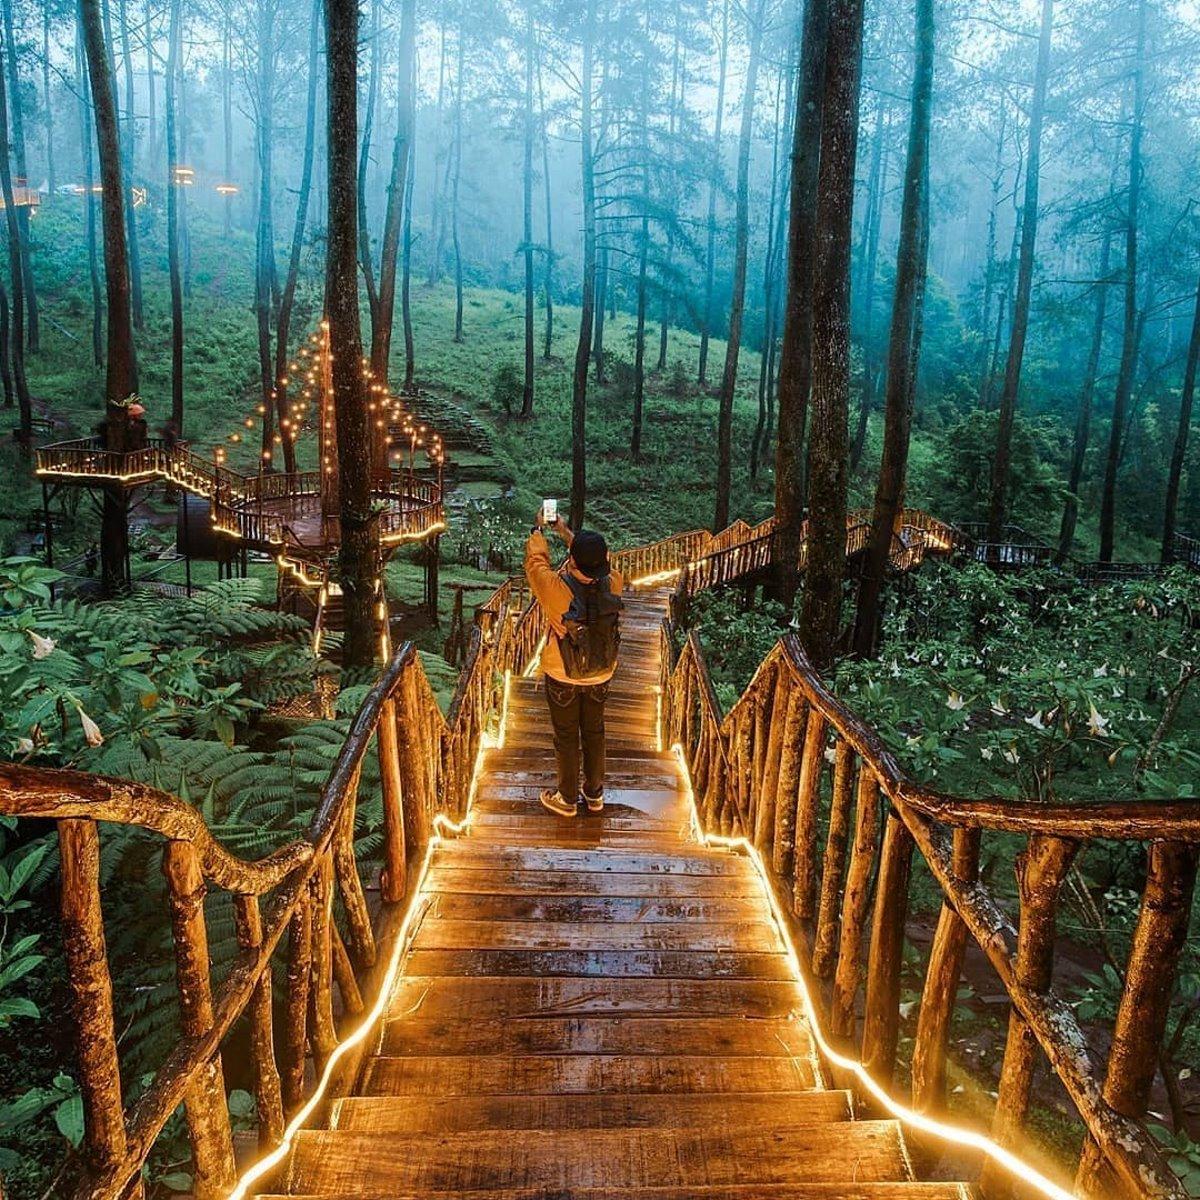 Ινδονησία φωτιζόμενη γέφυρα στο δάσος Orchid Forest τουρίστας βγάζει φωτογραφίες